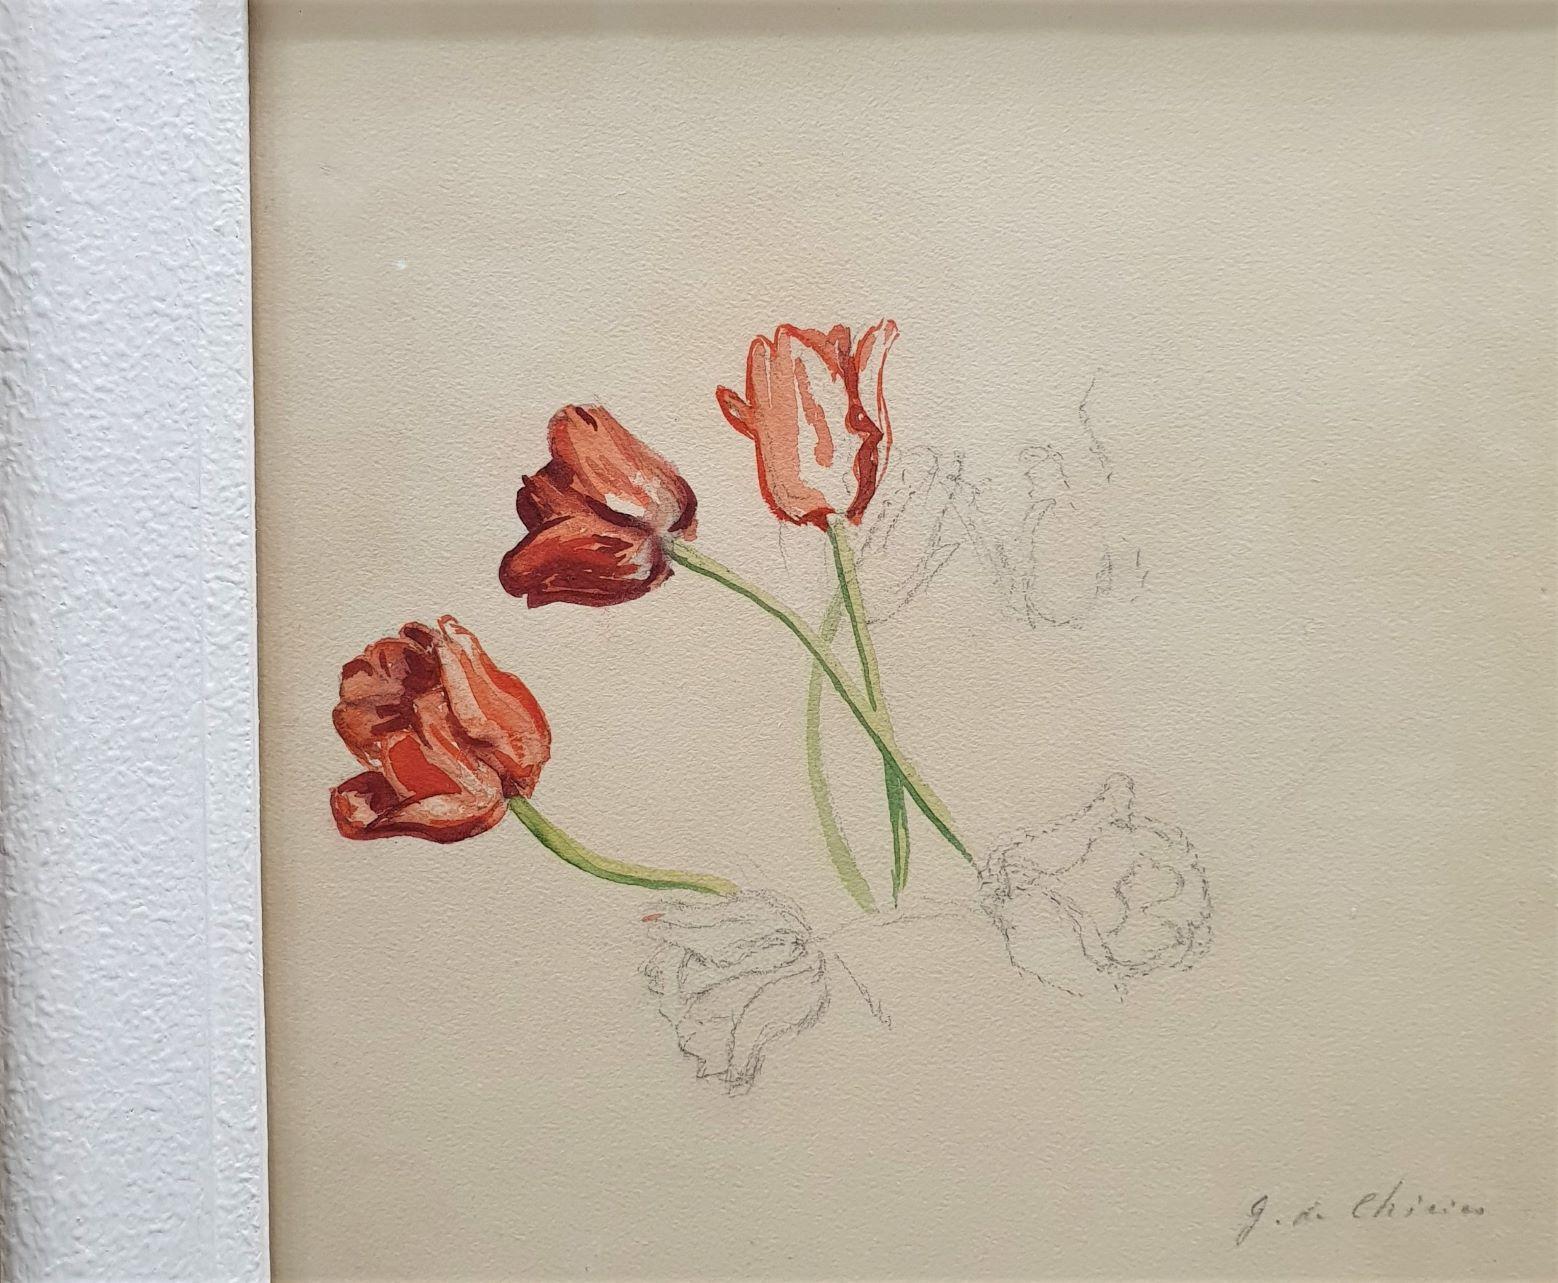 Arte Fiera 2020. Dai tulipani lattei di De Chirico ai cornetti di fiori di Morandi, 20 chicche da non perdere a Bologna